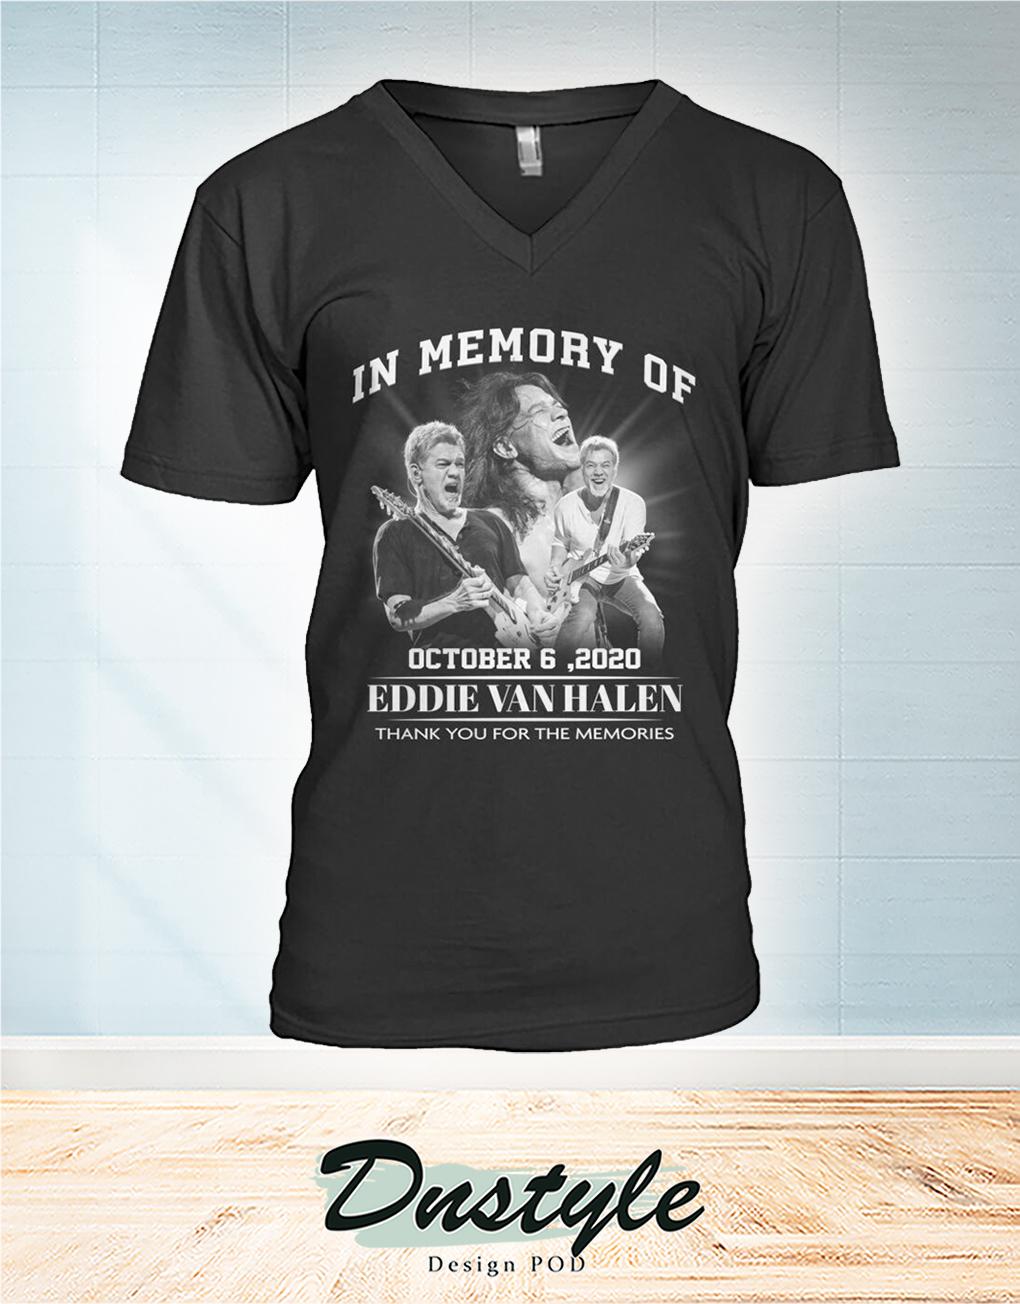 In memory of Eddie Van Halen october 6 2020 v-neck